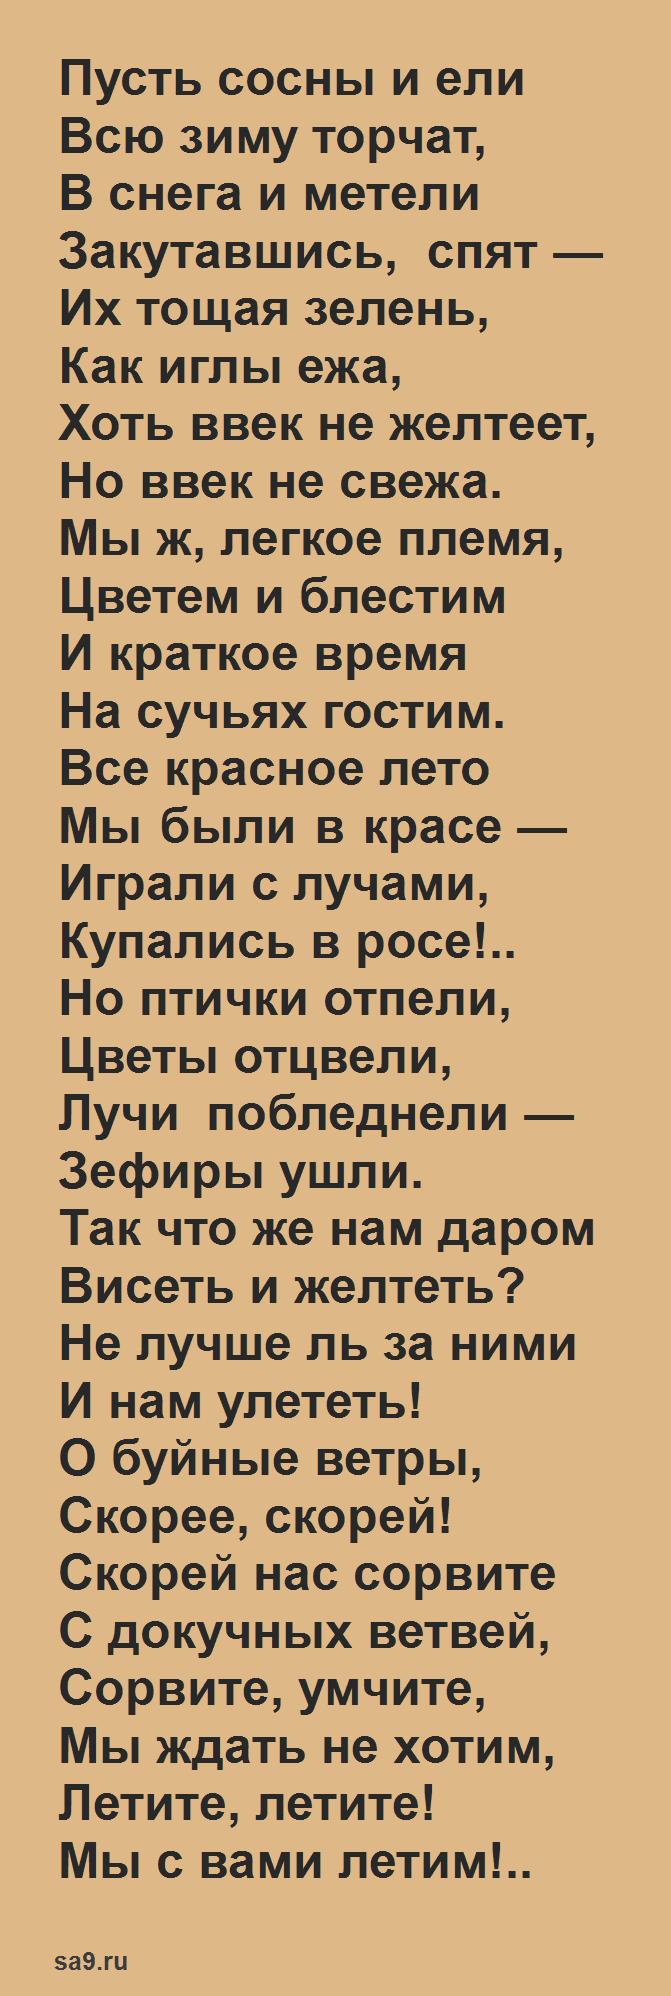 Стихи Тютчева - Листья 3 класс